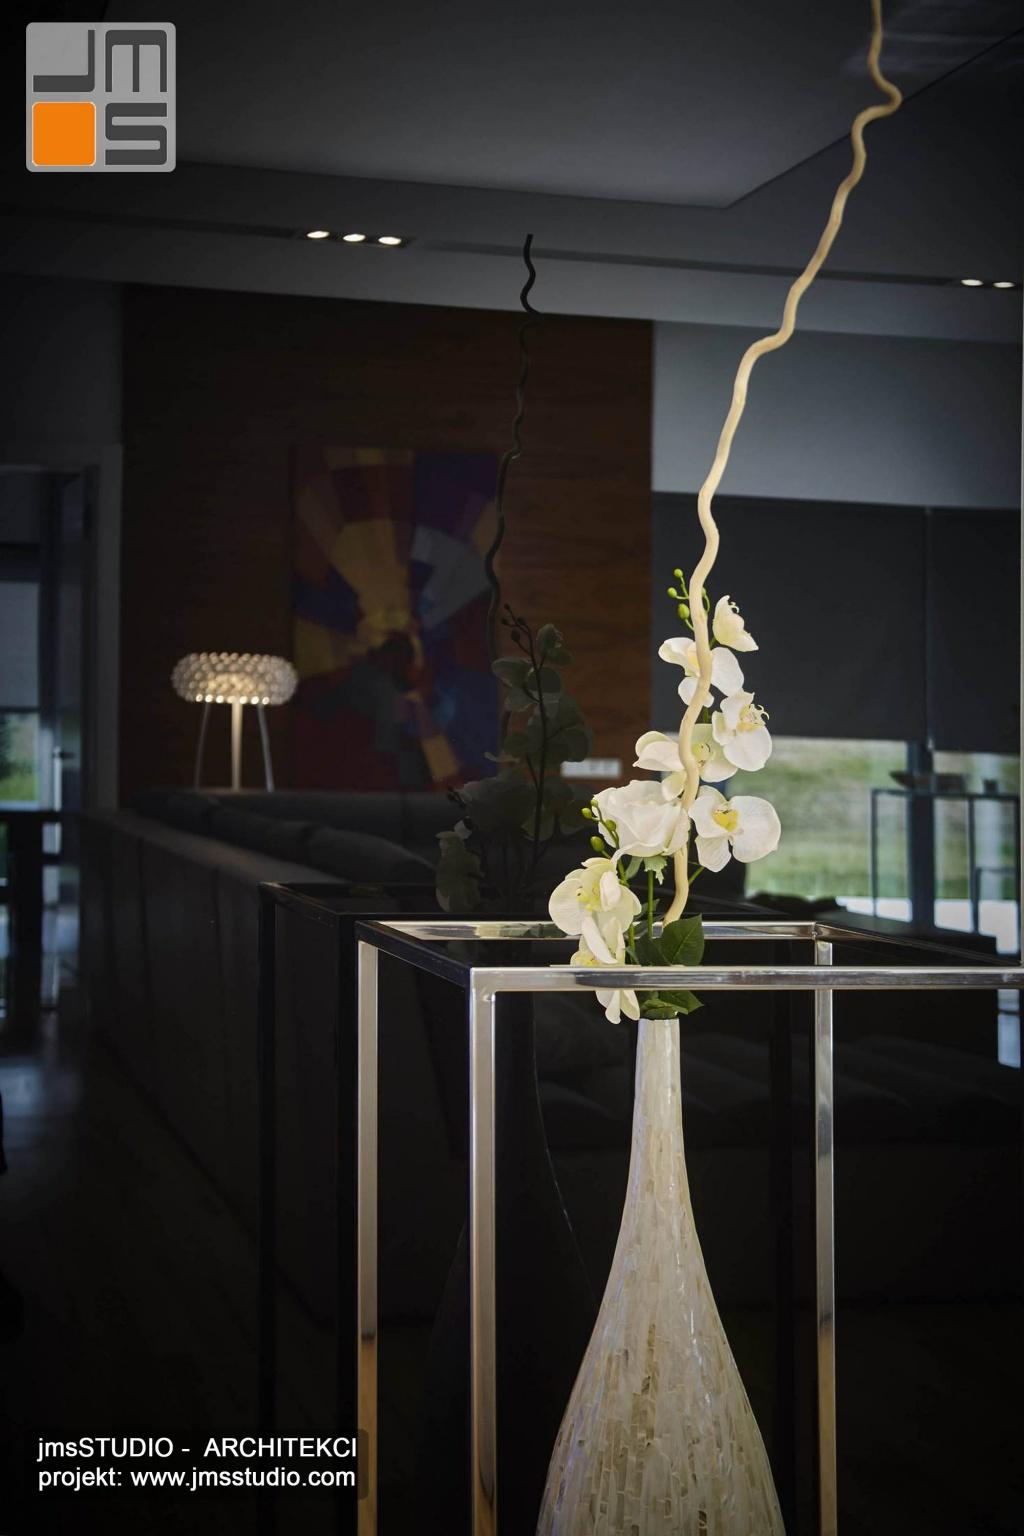 2018 06 ściana z czarnego szkła z ustawionym na jej tle dekoracyjnym wazonem to pomysł na designerską dekorację ściany w projekcie wnętrz salonu pod Poznaniem